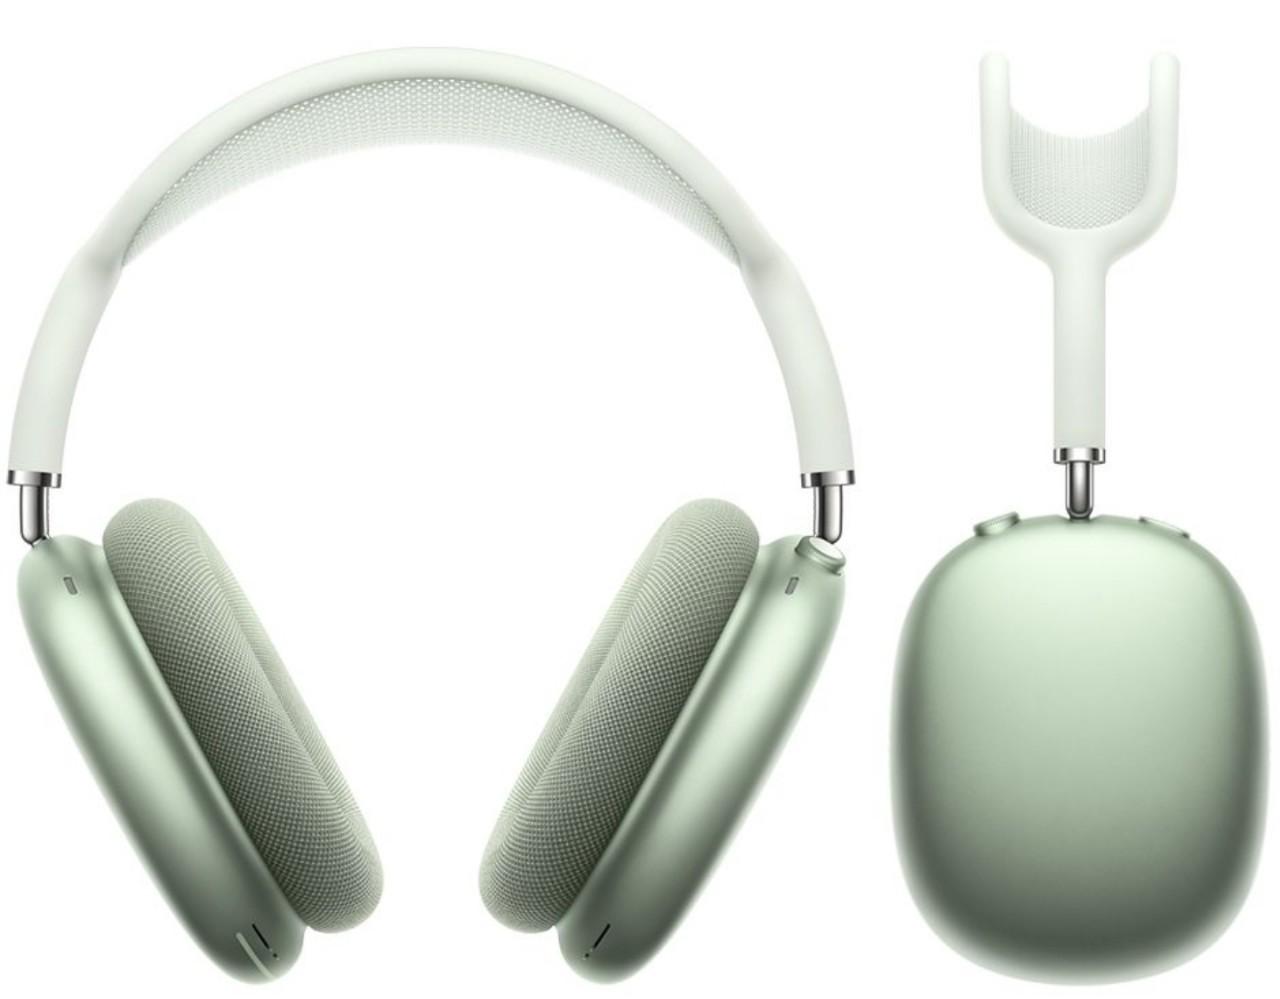 AirPods Max los primeros auriculares inalámbricos de Apple con ANC